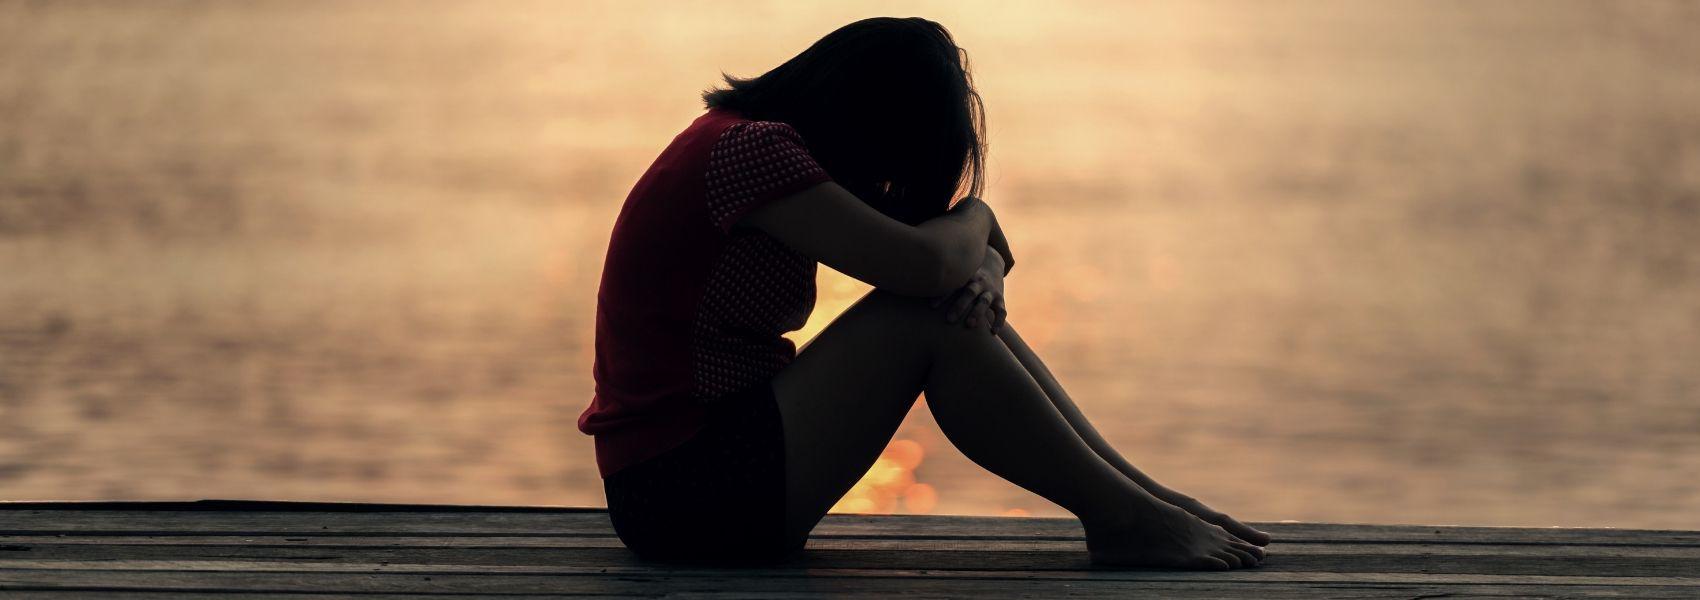 esclerodermia afeta mais as mulheres